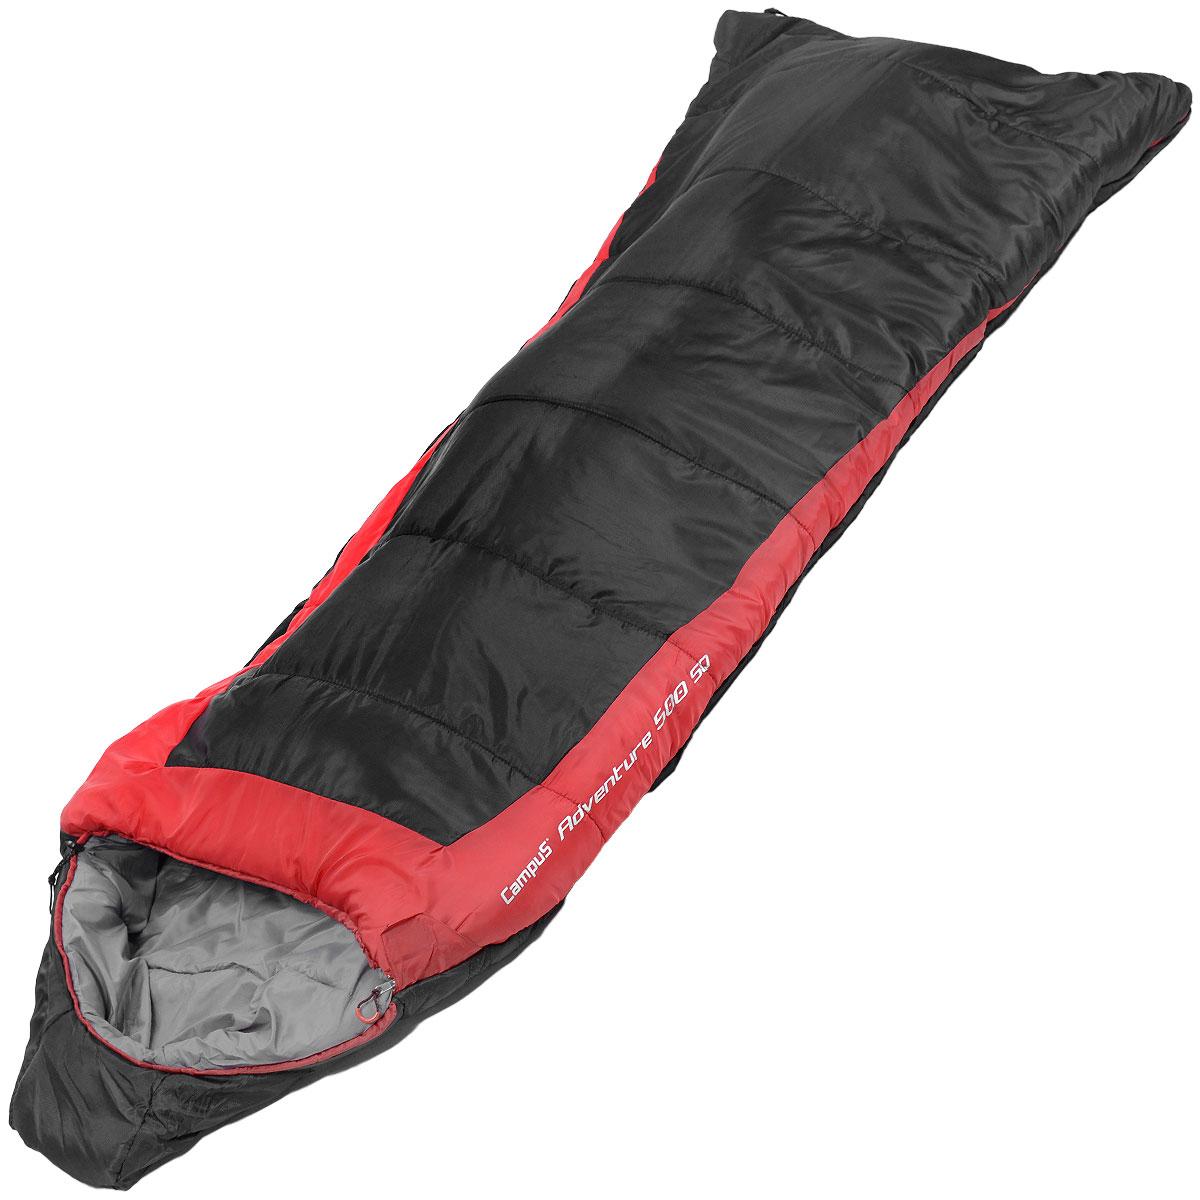 Спальный мешок Campus Adventure 500SQ, правосторонняя молния, 240 см х 95 см10701025Данная модель предусмотрена для холодного времени года, так как рассчитана на температуру до -17° C. Слой синтетического утеплителя контролирует терморегуляцию внутри спального мешка, поддерживая в нем необходимую температуру. Коконообразная анатомическая форма обеспечивает плотное прилегание спального мешка, в то же время внутри него предусмотрено достаточно свободного места для комфортного сна. В сложенном виде мешок занимает очень мало места и весит совсем не много.Тип спального мешка: одеяло с капюшоном.Утеплитель: 6D BLOCK, HOLLOWFIBER 500 г/м2.Внешний материал: нейлон.Внутренний материал: полиэстер.